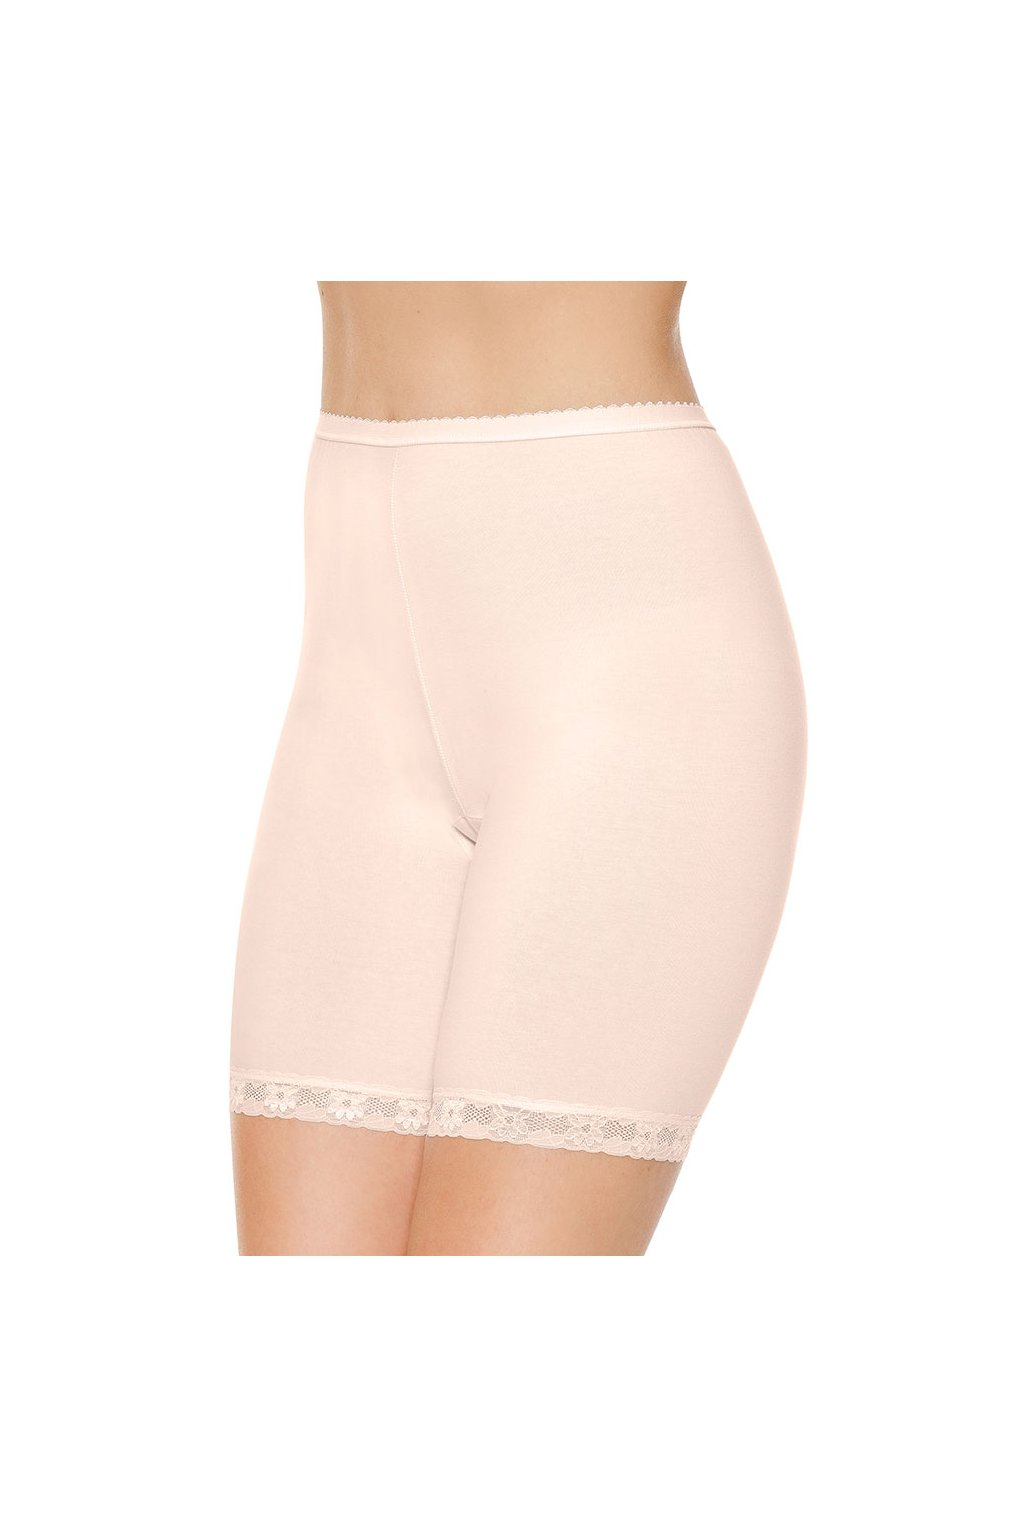 Nohavičkové kalhotky, 10023 210, béžová